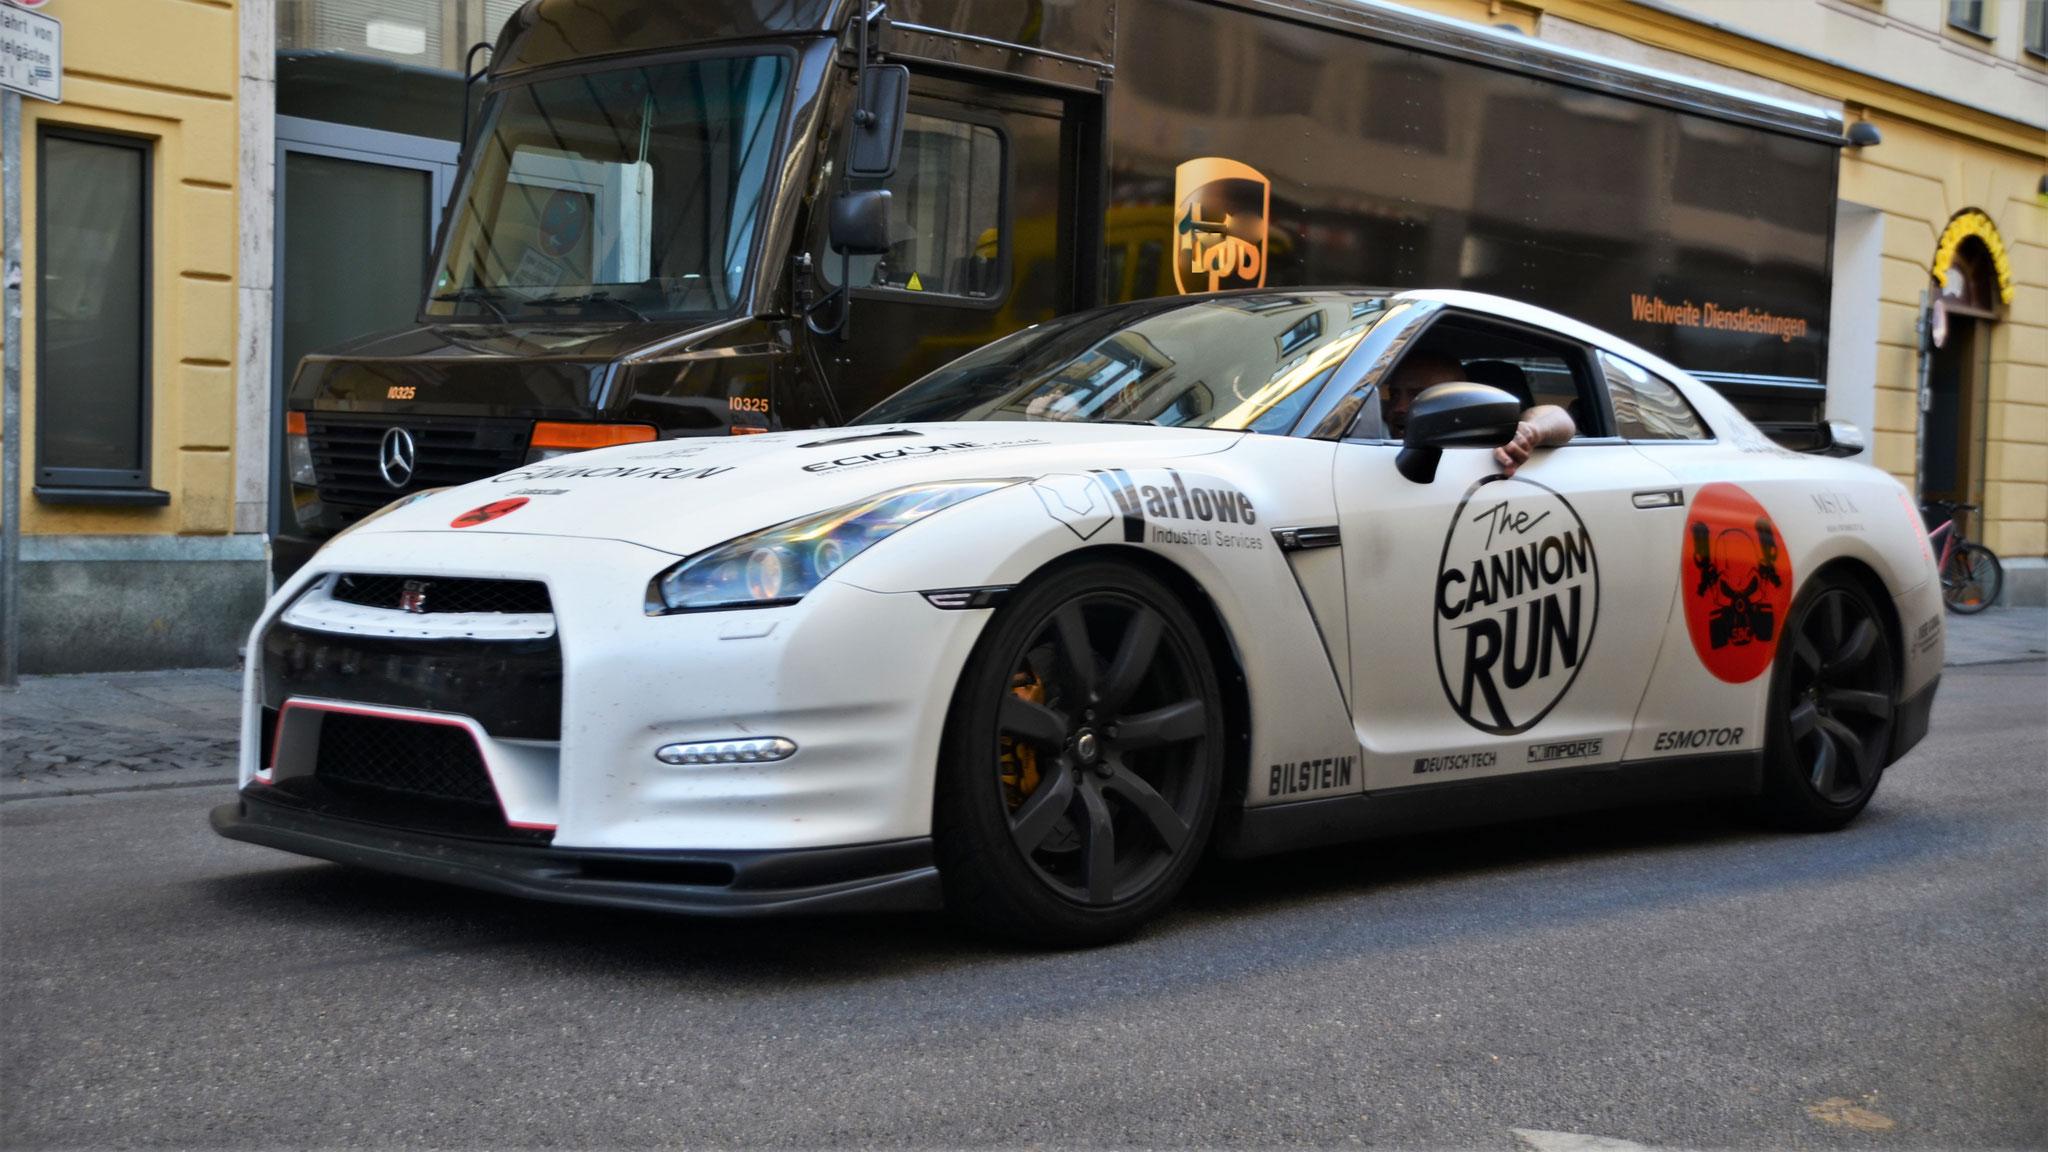 Nissan GTR - NL59-RVM (GB)